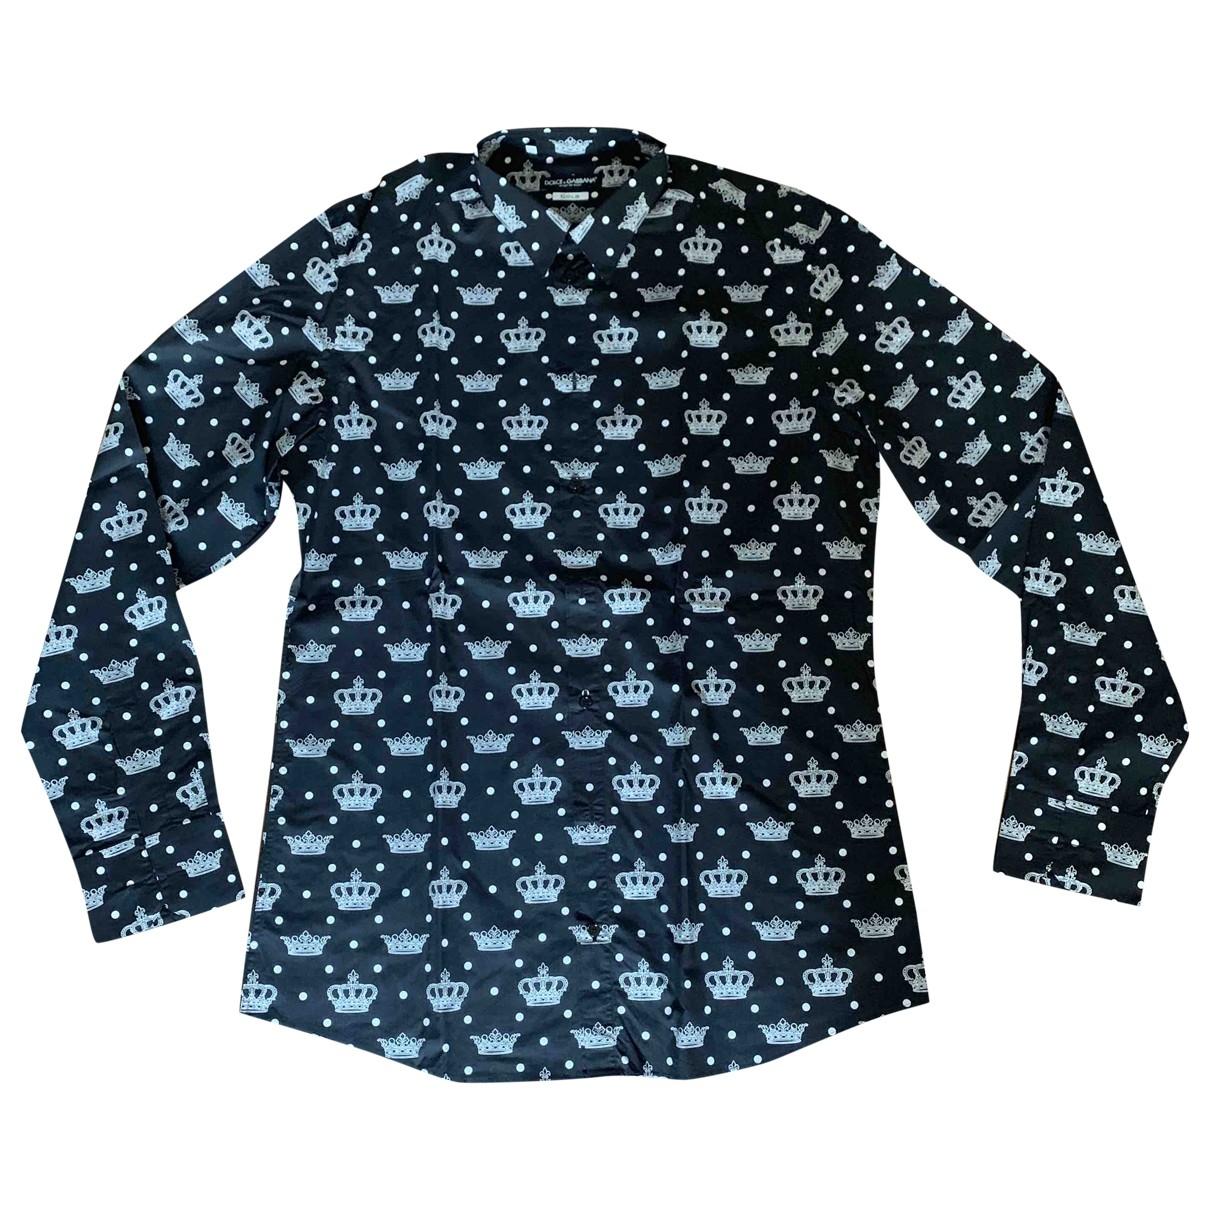 Dolce & Gabbana \N Hemden in  Schwarz Baumwolle